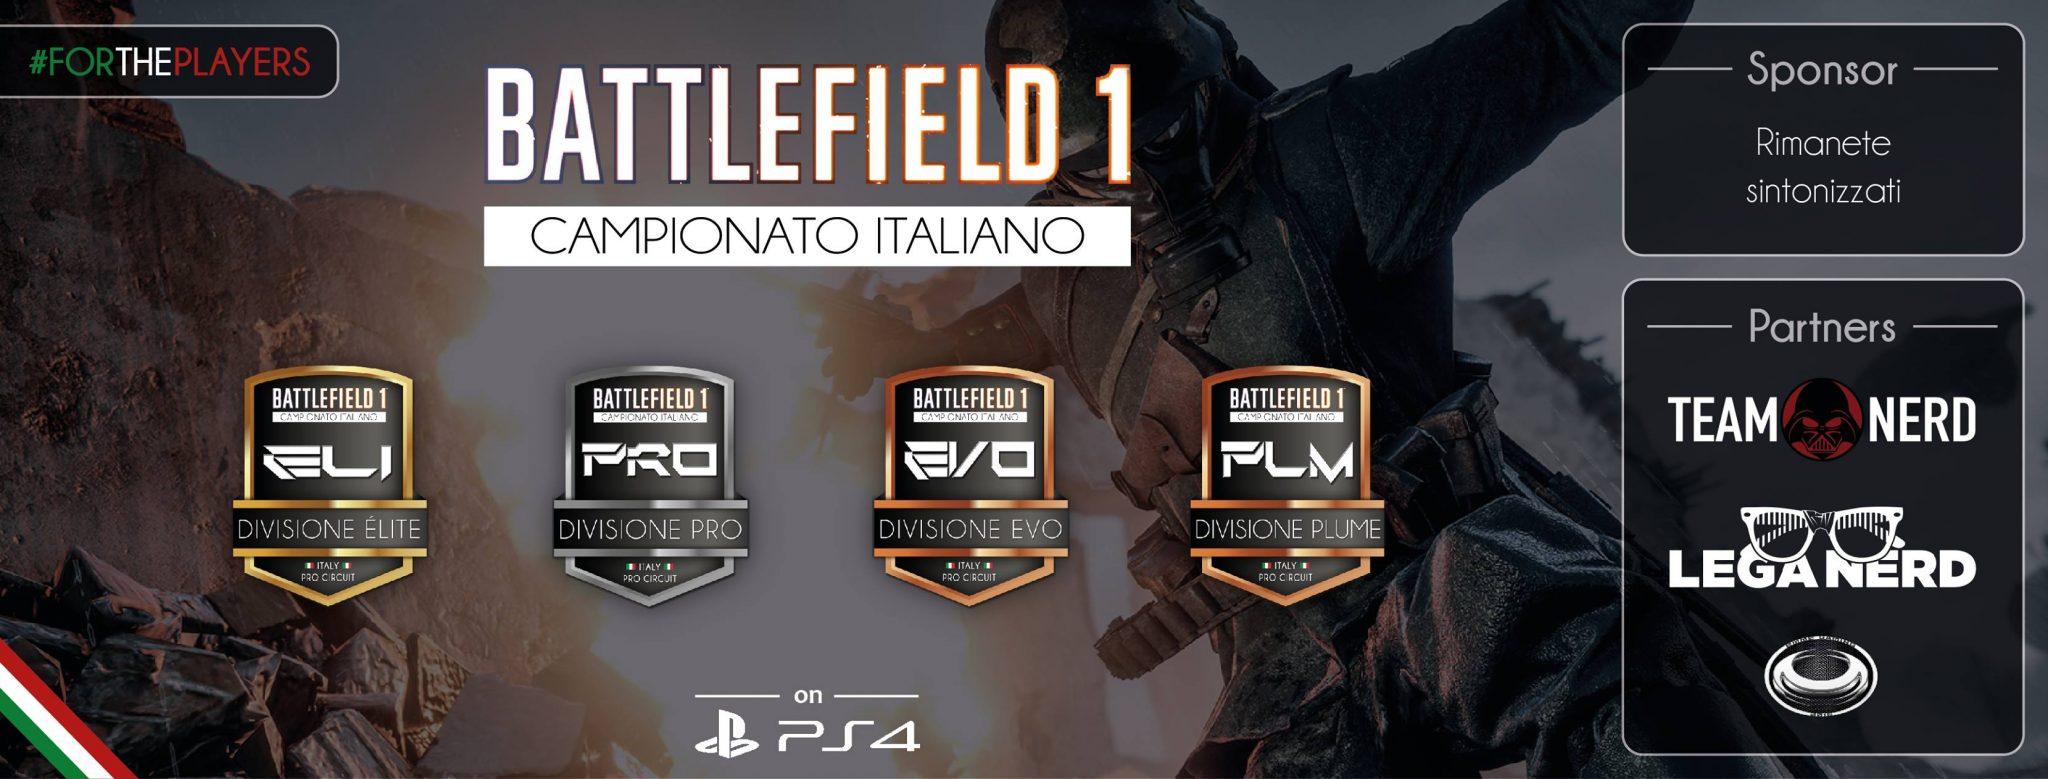 Battlefield 1 e gwent